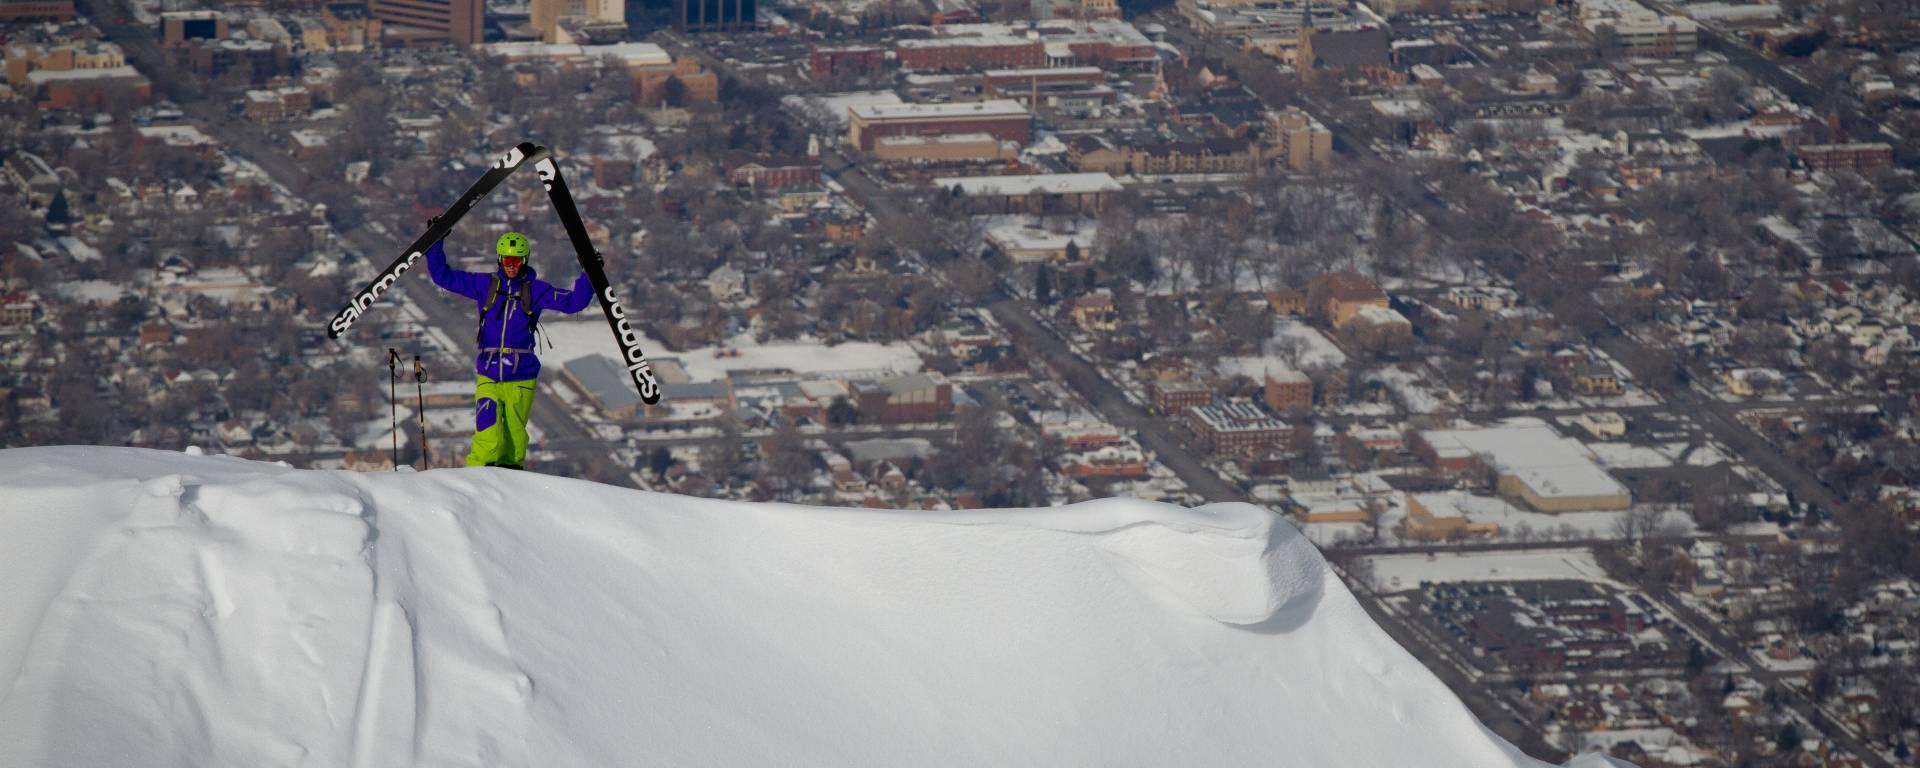 Ski 3 for $145